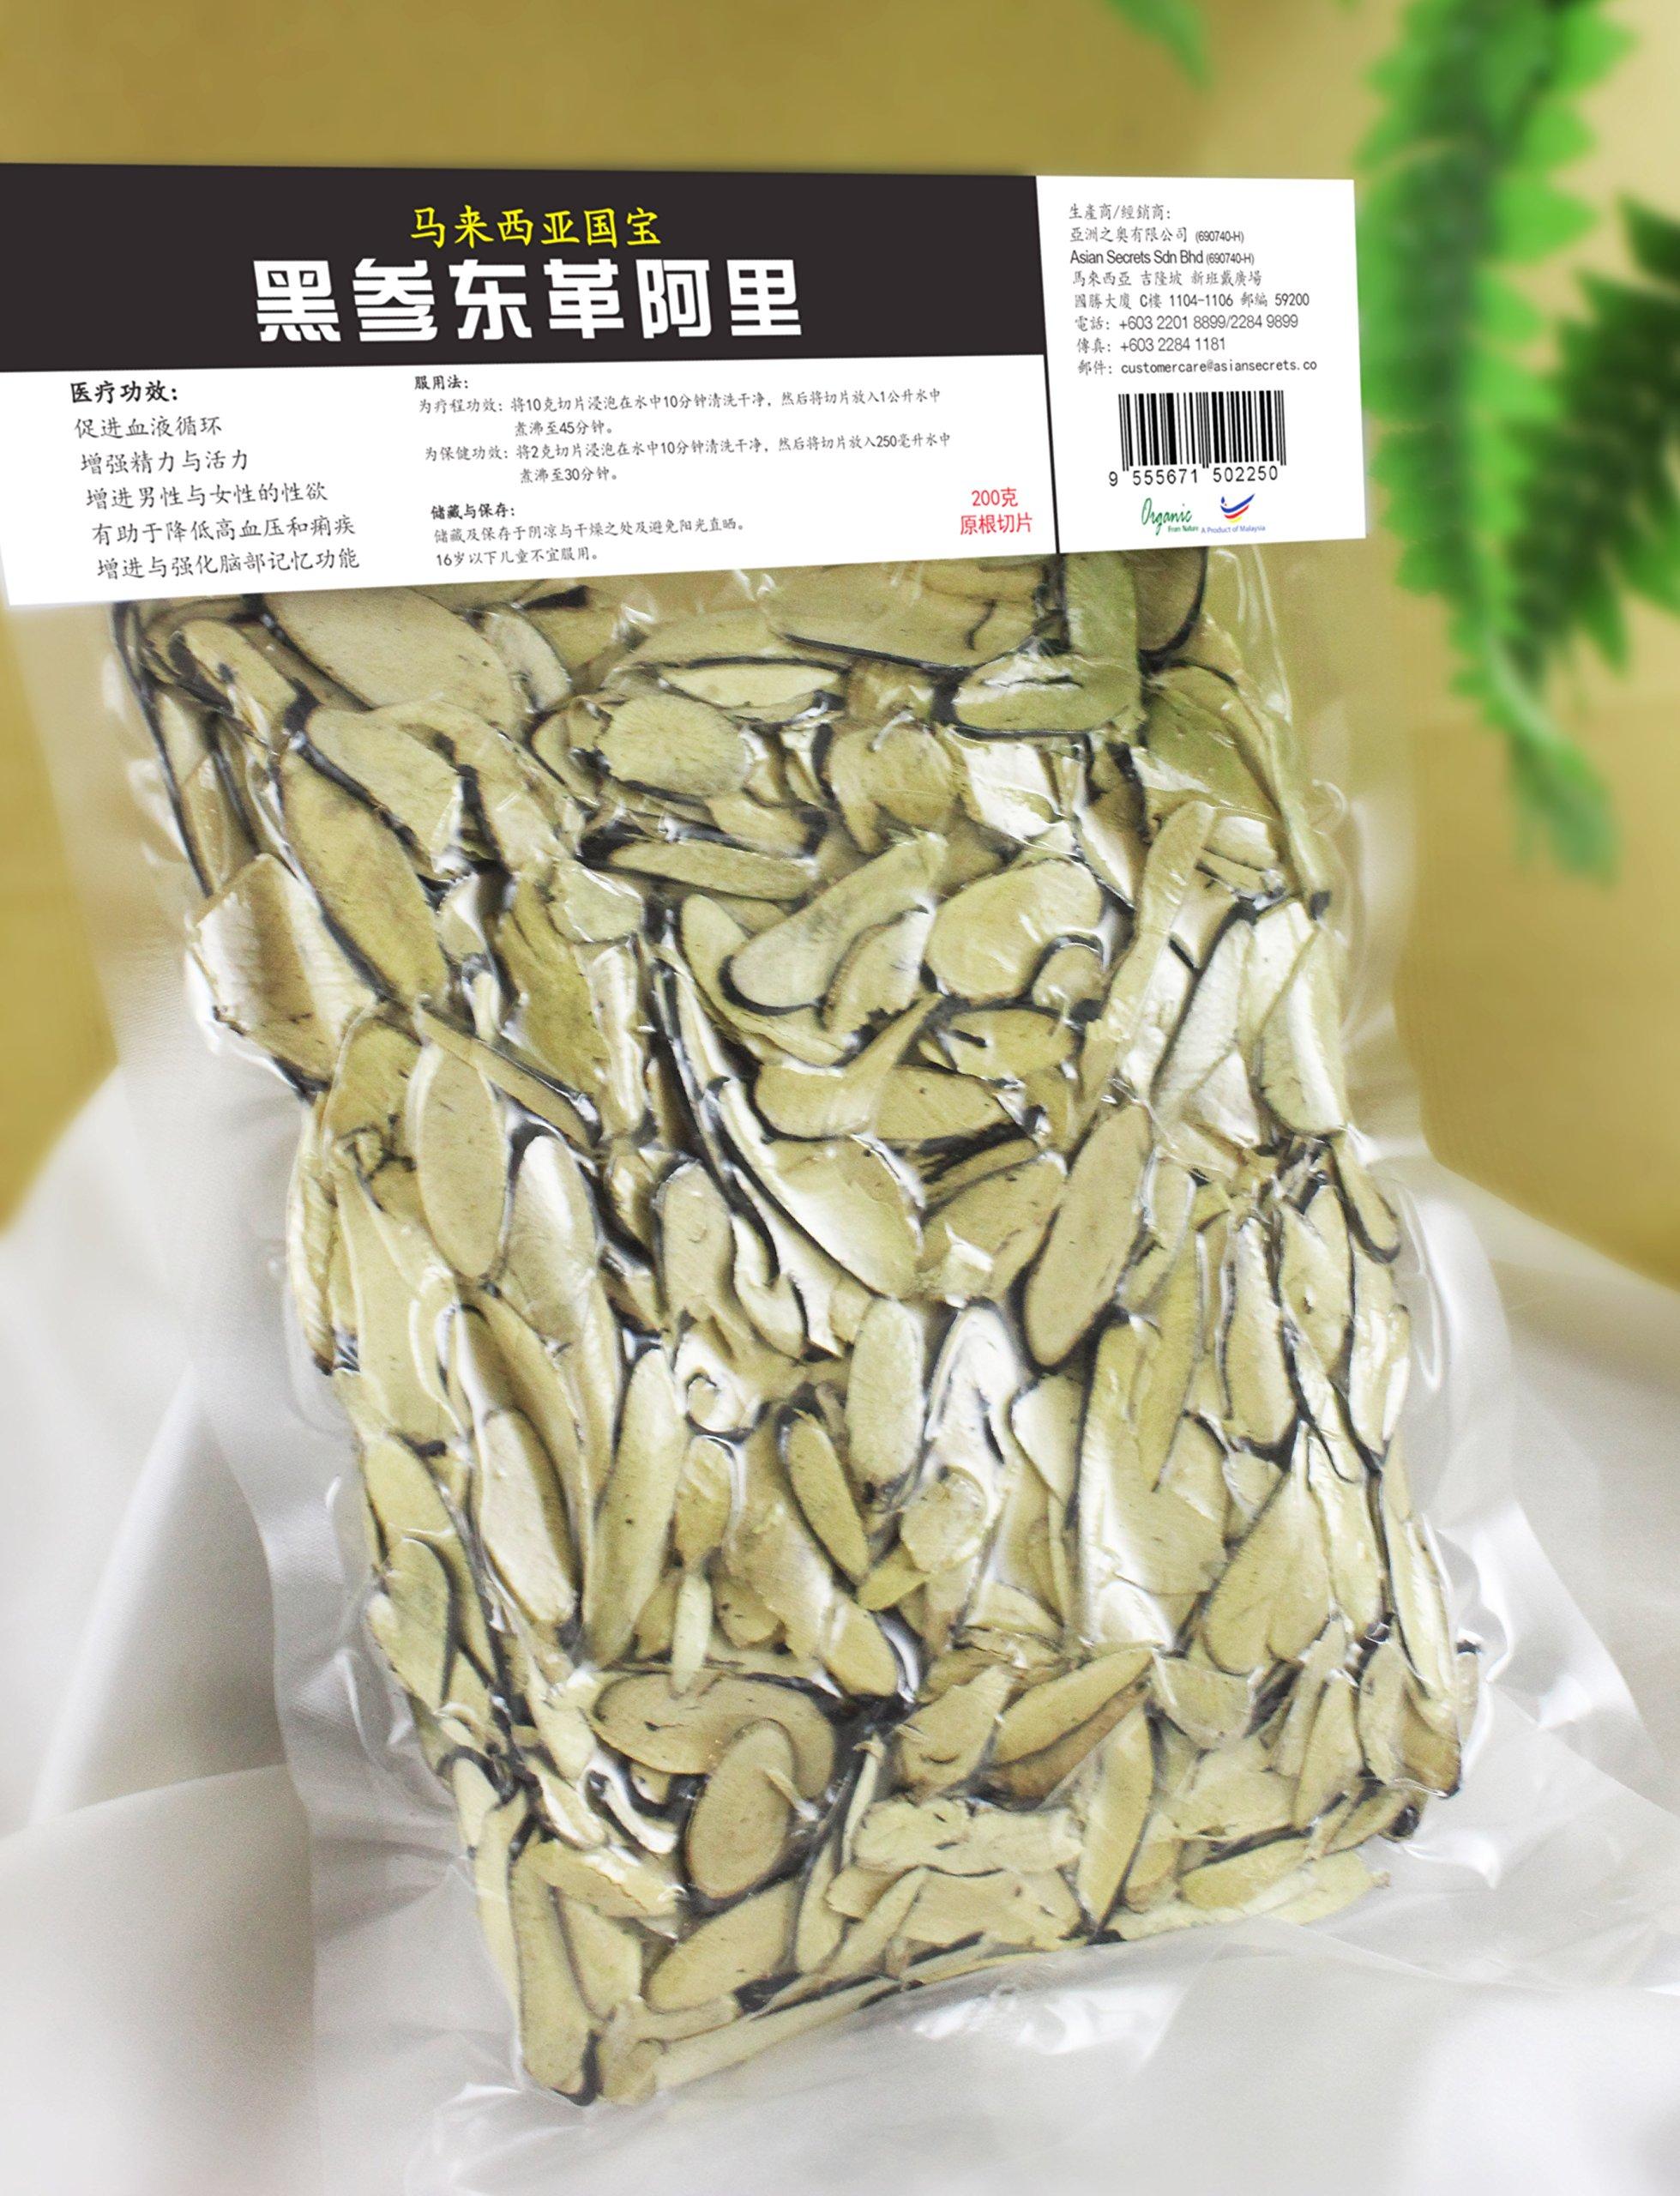 Natural Herbal Sex Booster, 100% Pure Black Tongkat Ali [Polyalthia Bullata] Root Slices (200g) by Rahsia Herbal (Image #1)